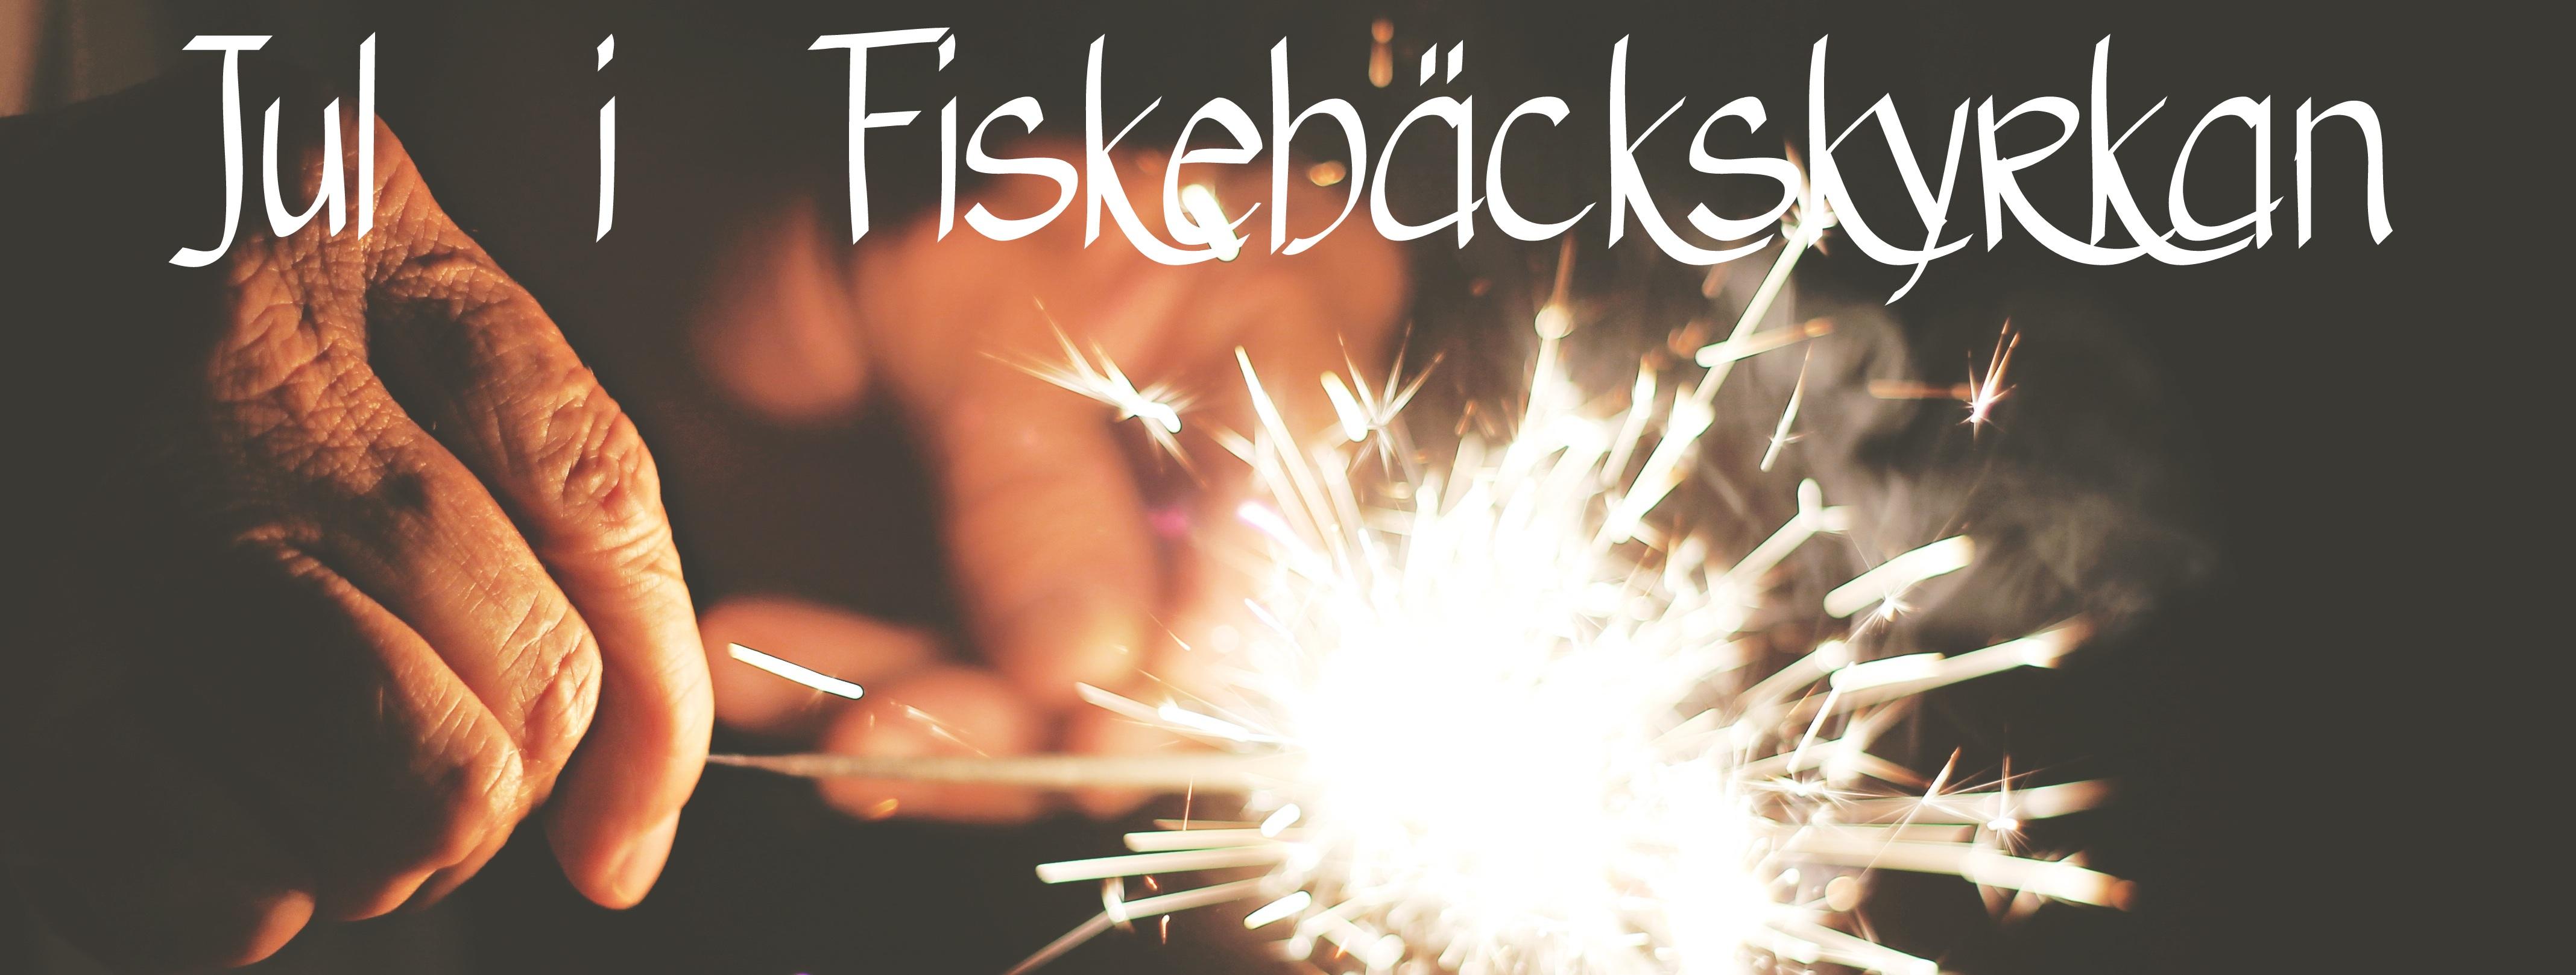 Jul_Fiskebackskyrkan2